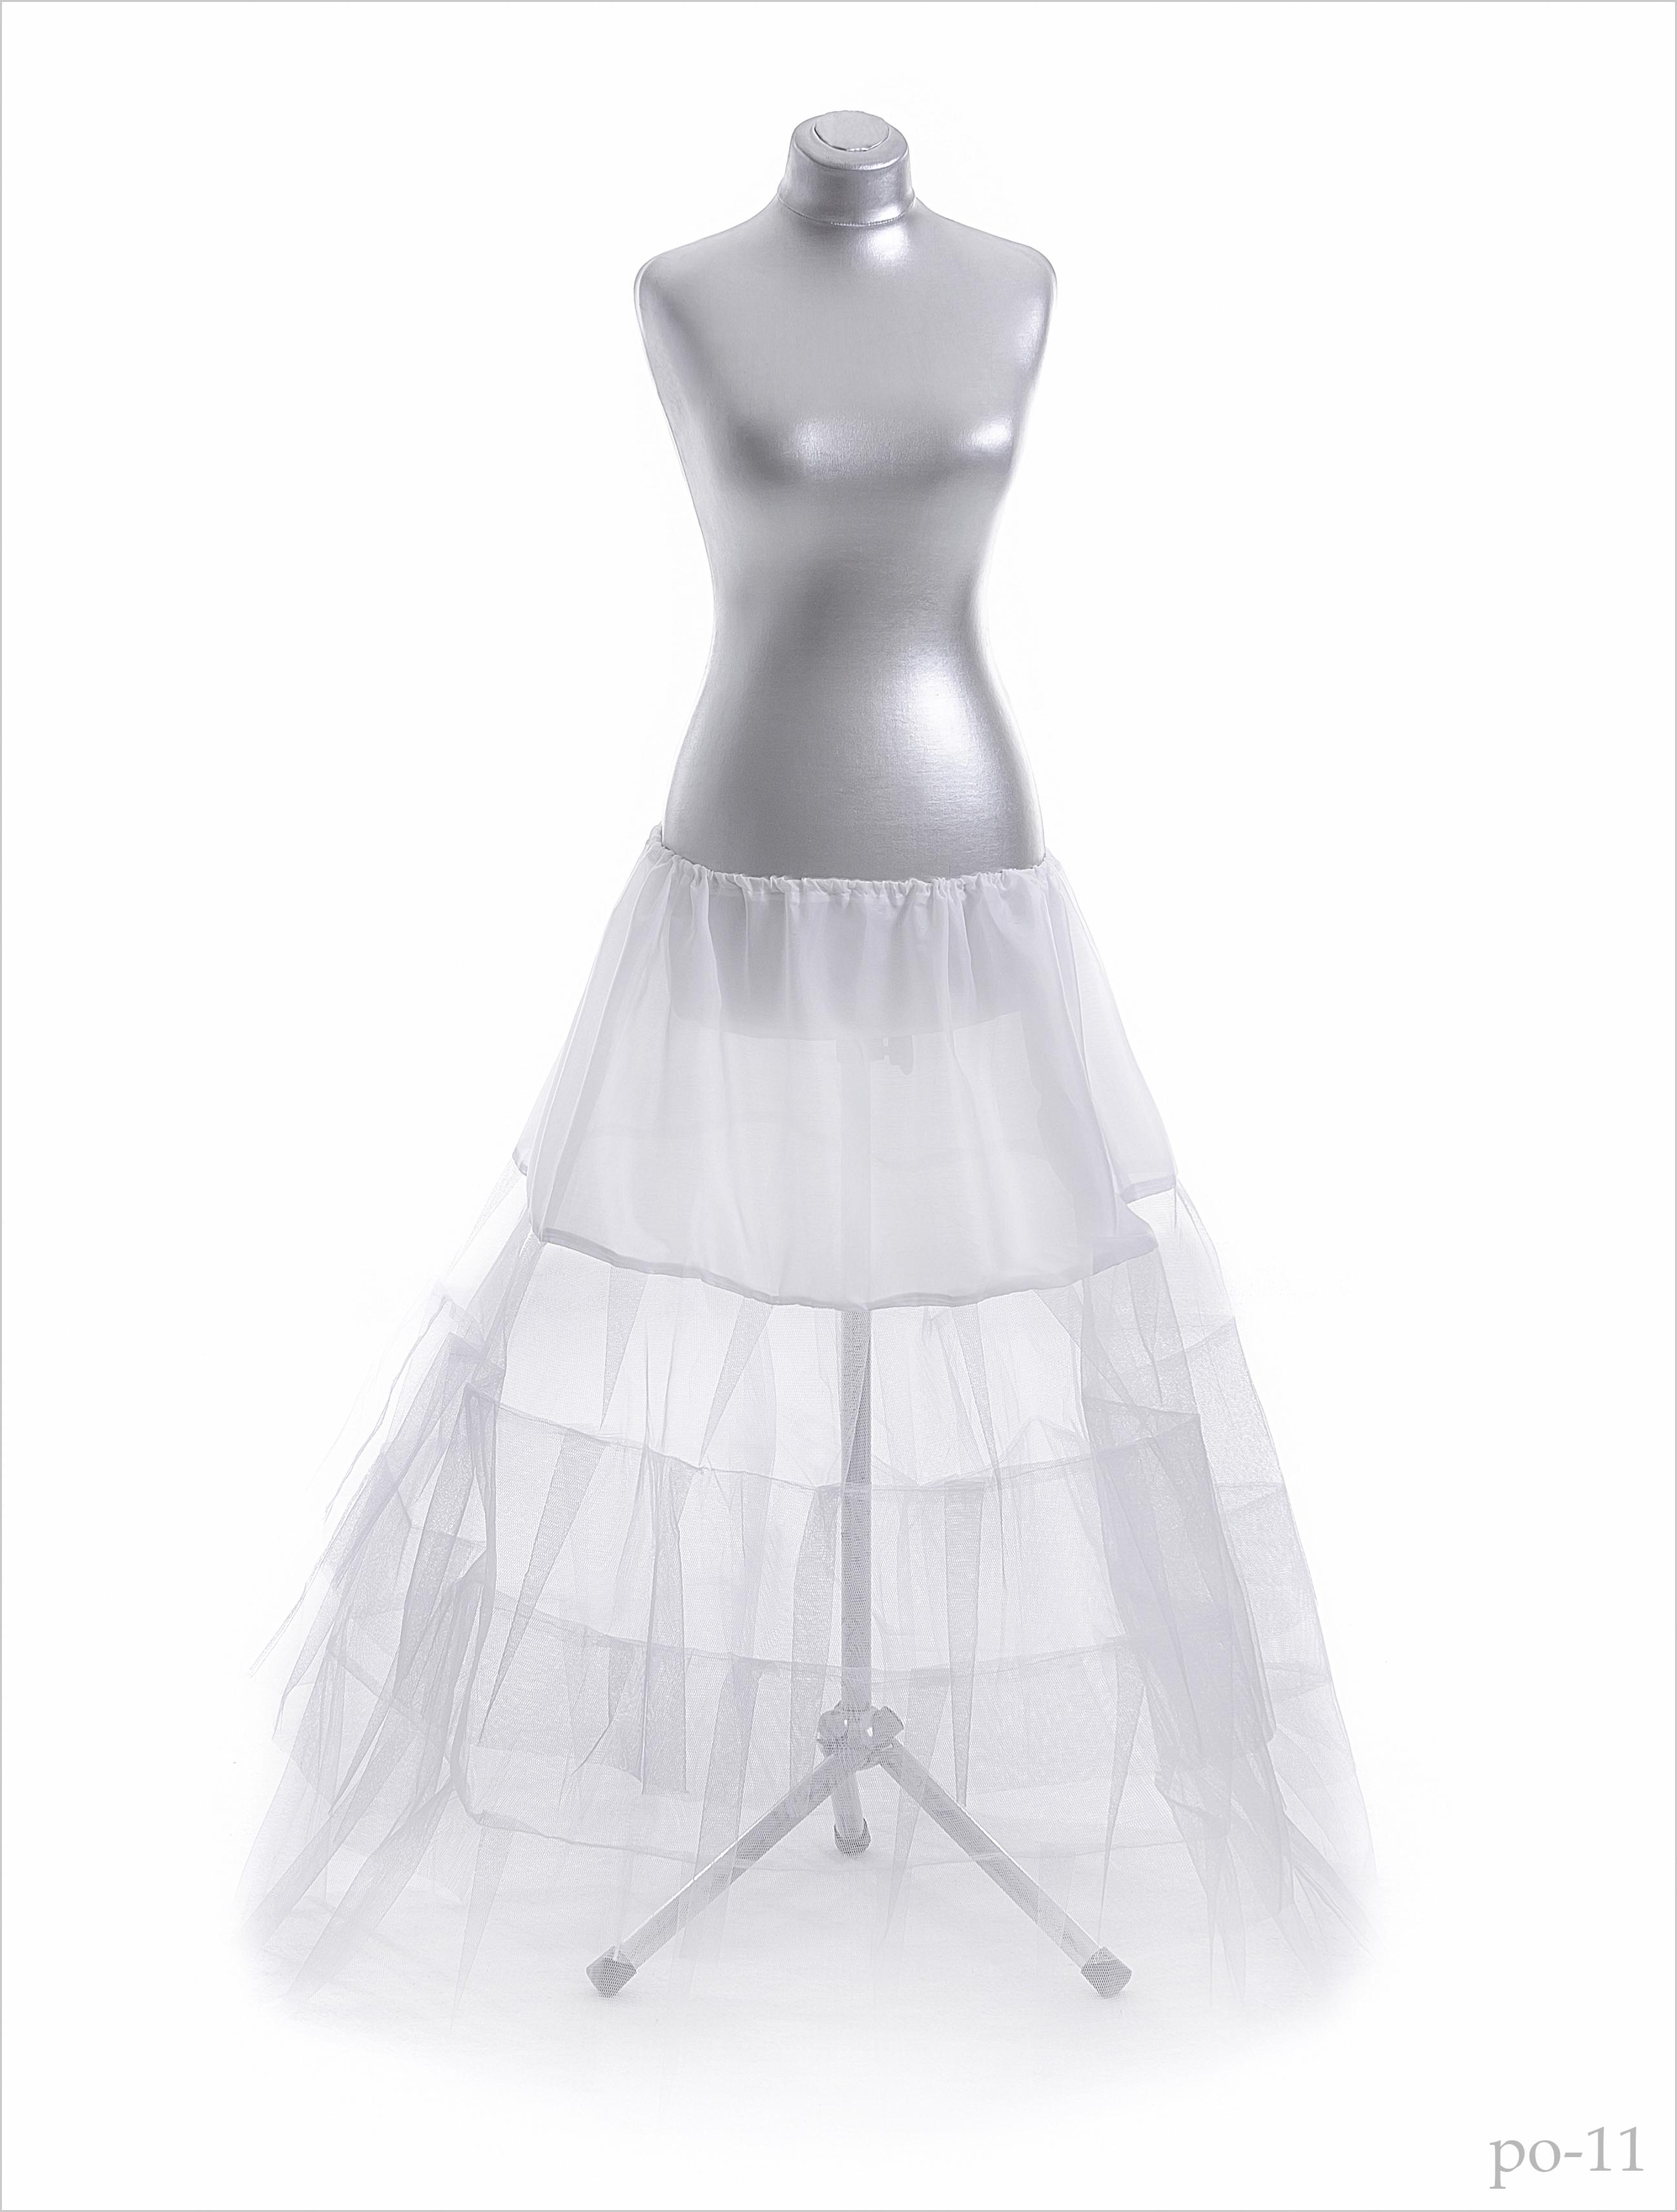 Jupon pentru rochie de mireasă po-11